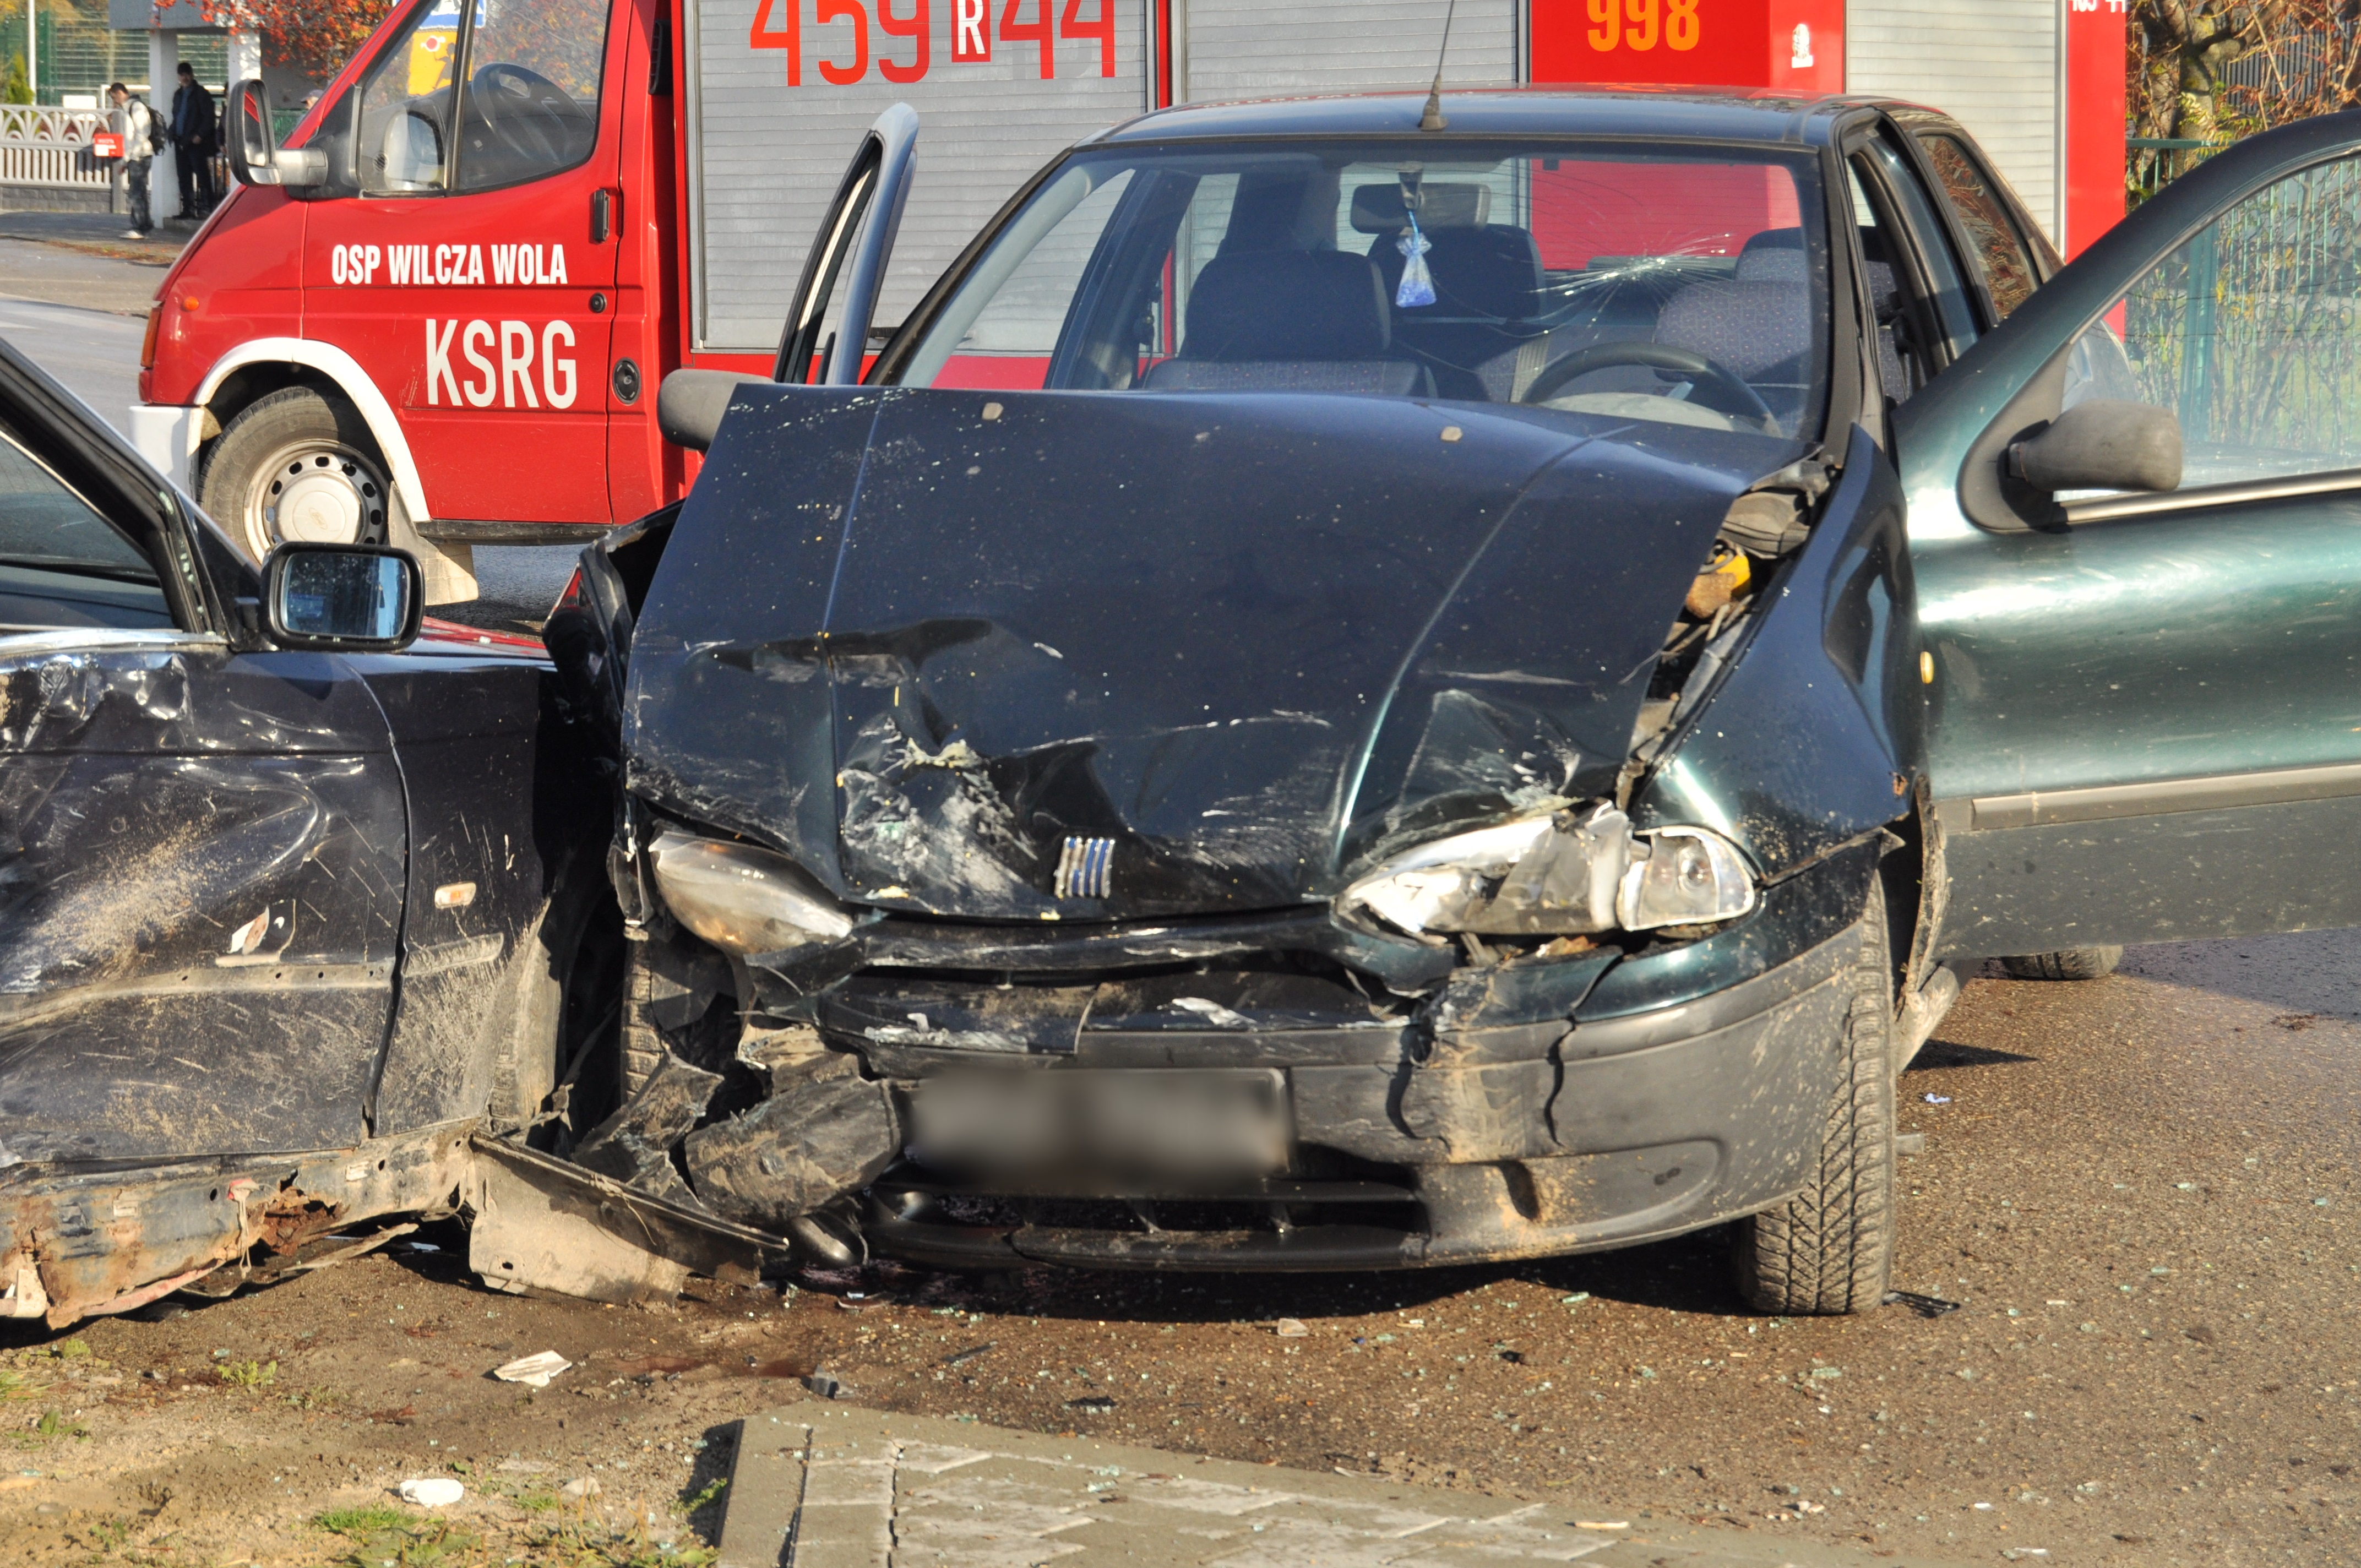 Stłuczka w Wilczej Woli na skrzyżowaniu. W zdarzeniu udział brał kierowca bmw oraz kierowca fiata [ZDJĘCIA] - Zdjęcie główne